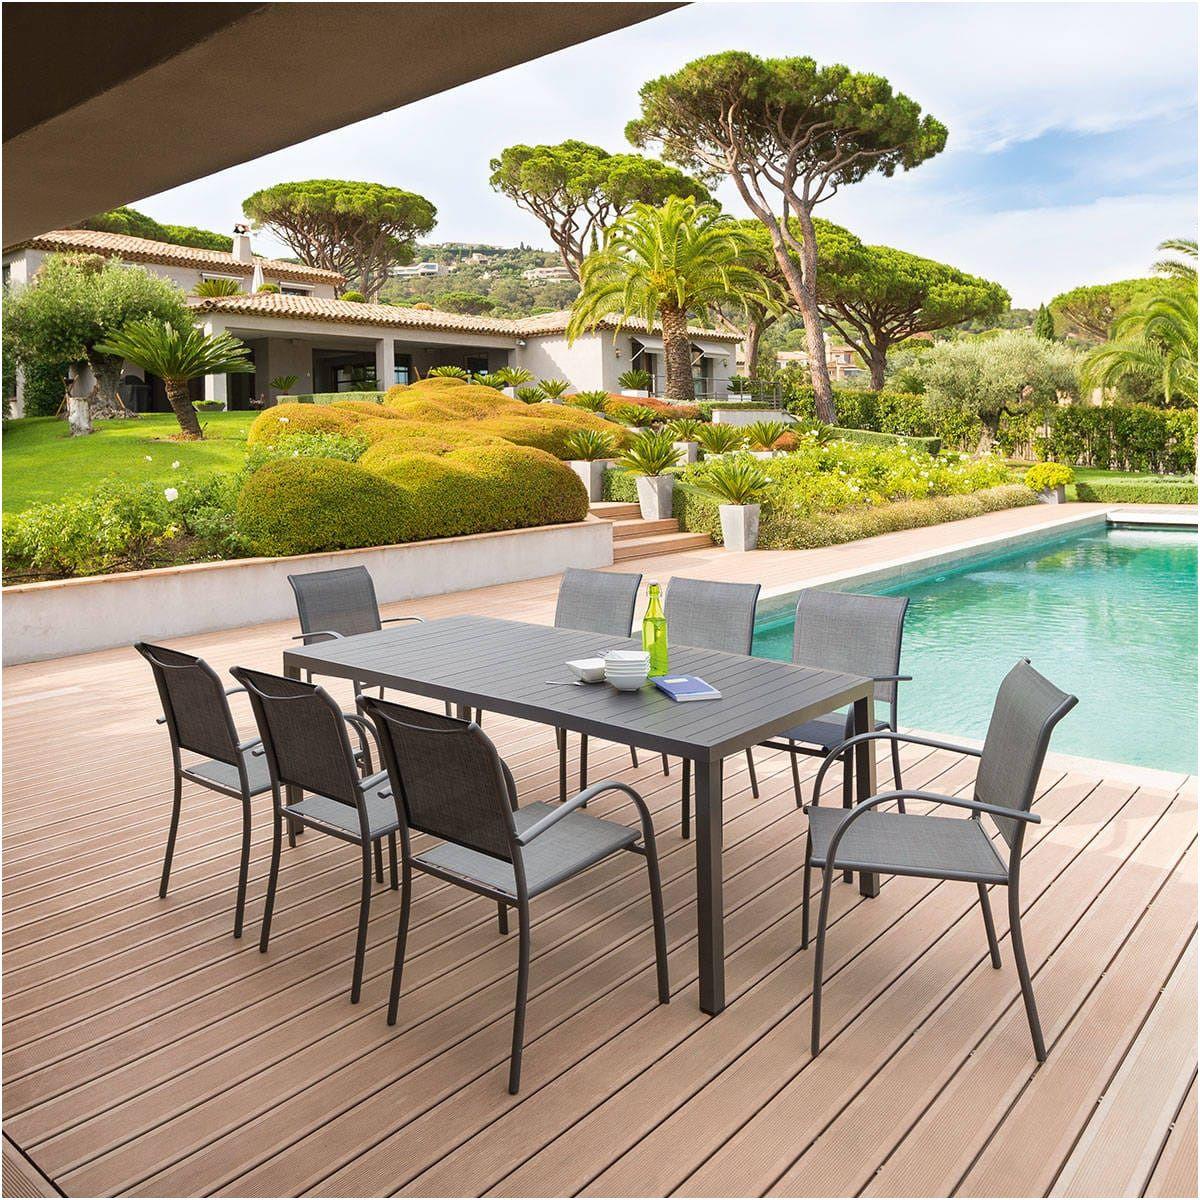 14 Avancé Table De Jardin Aluminium soldes Photograph ...